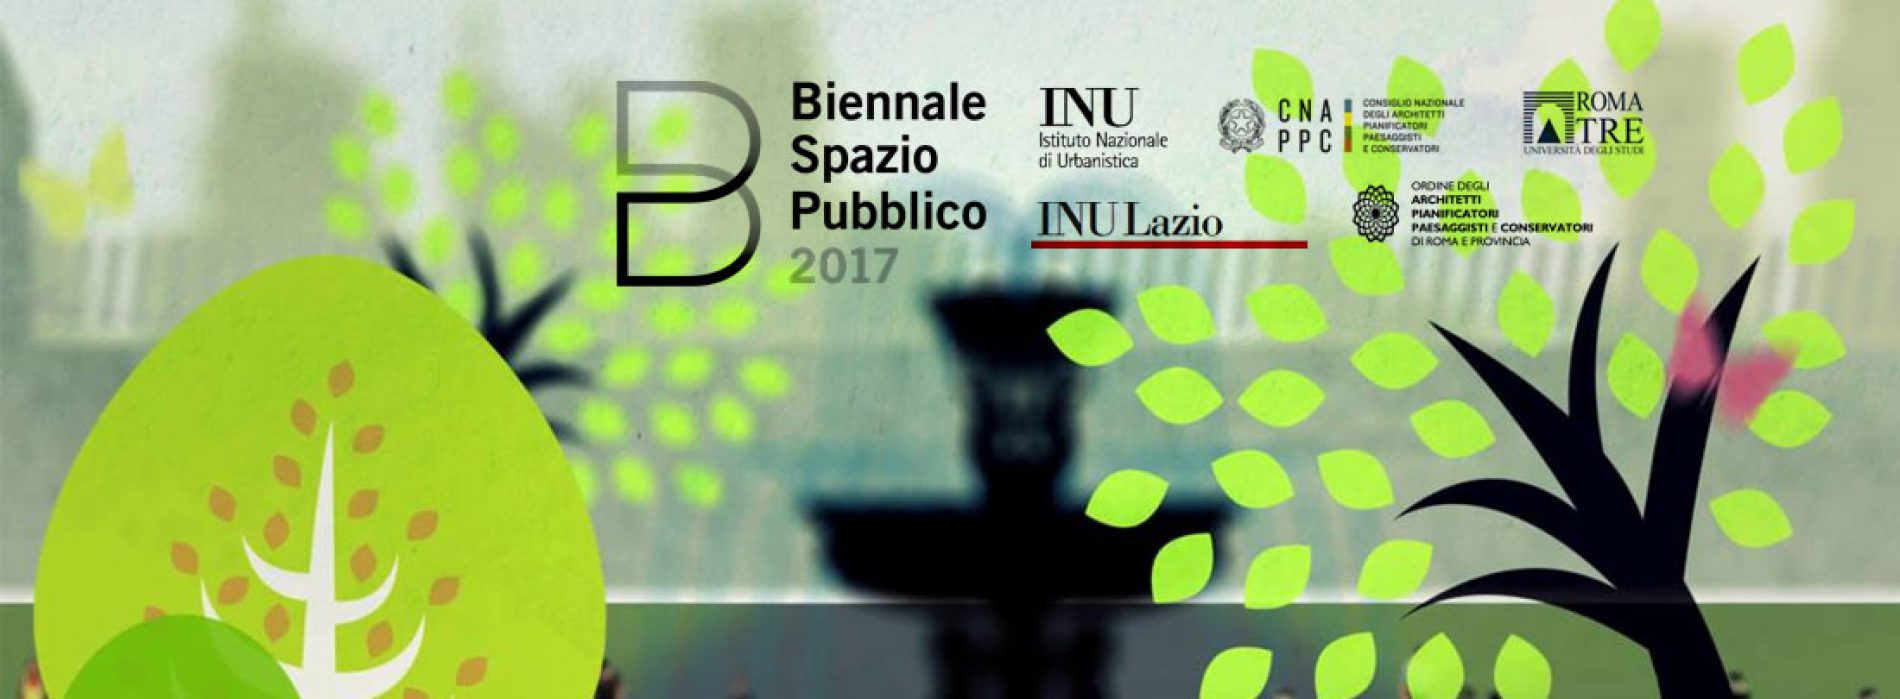 Biennale dello Spazio Pubblico a Roma: call for proposal